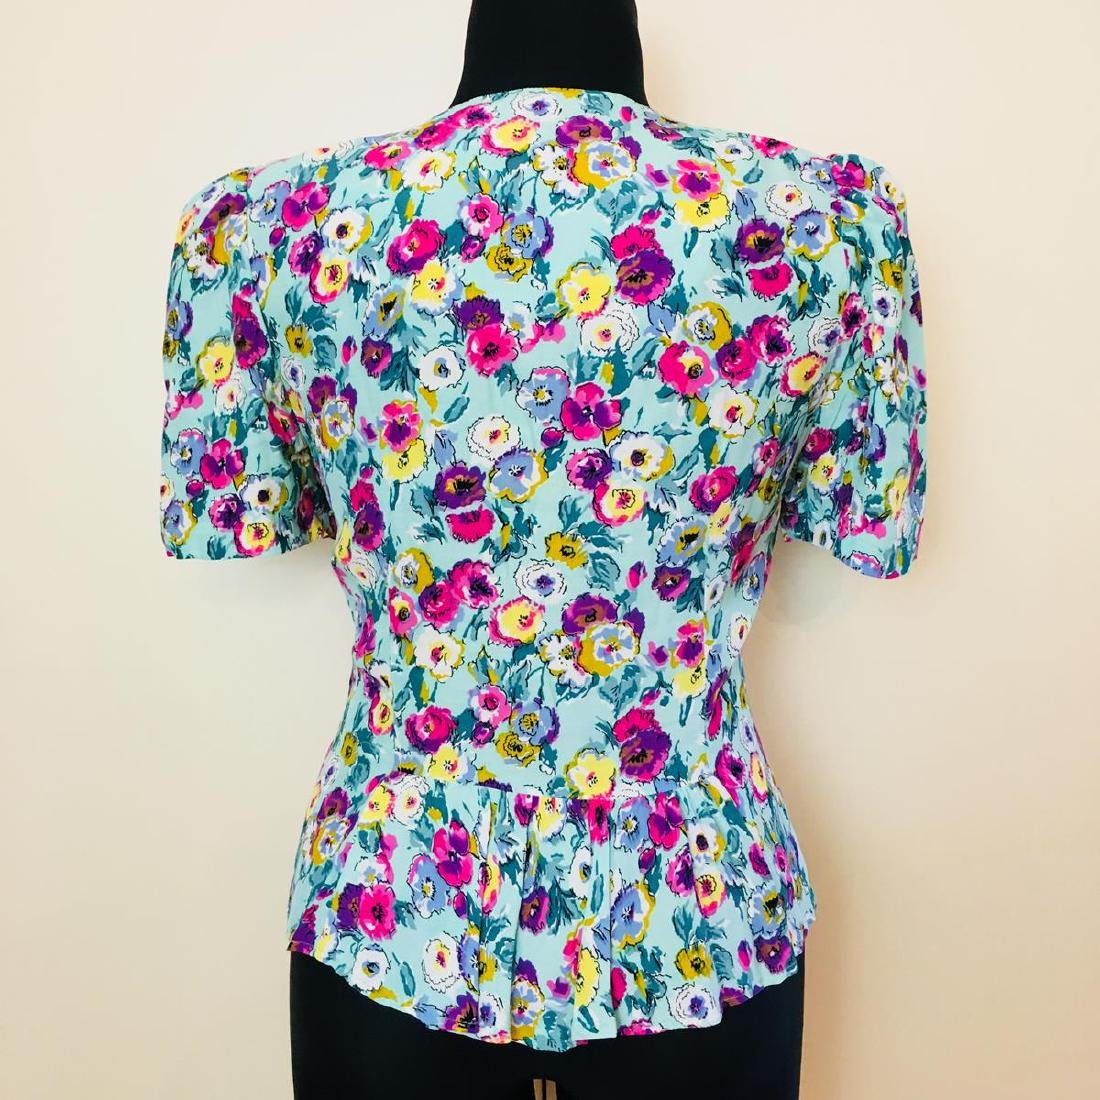 Vintage Women's Gigi Modelle Designer Blouse Shirt Top - 4